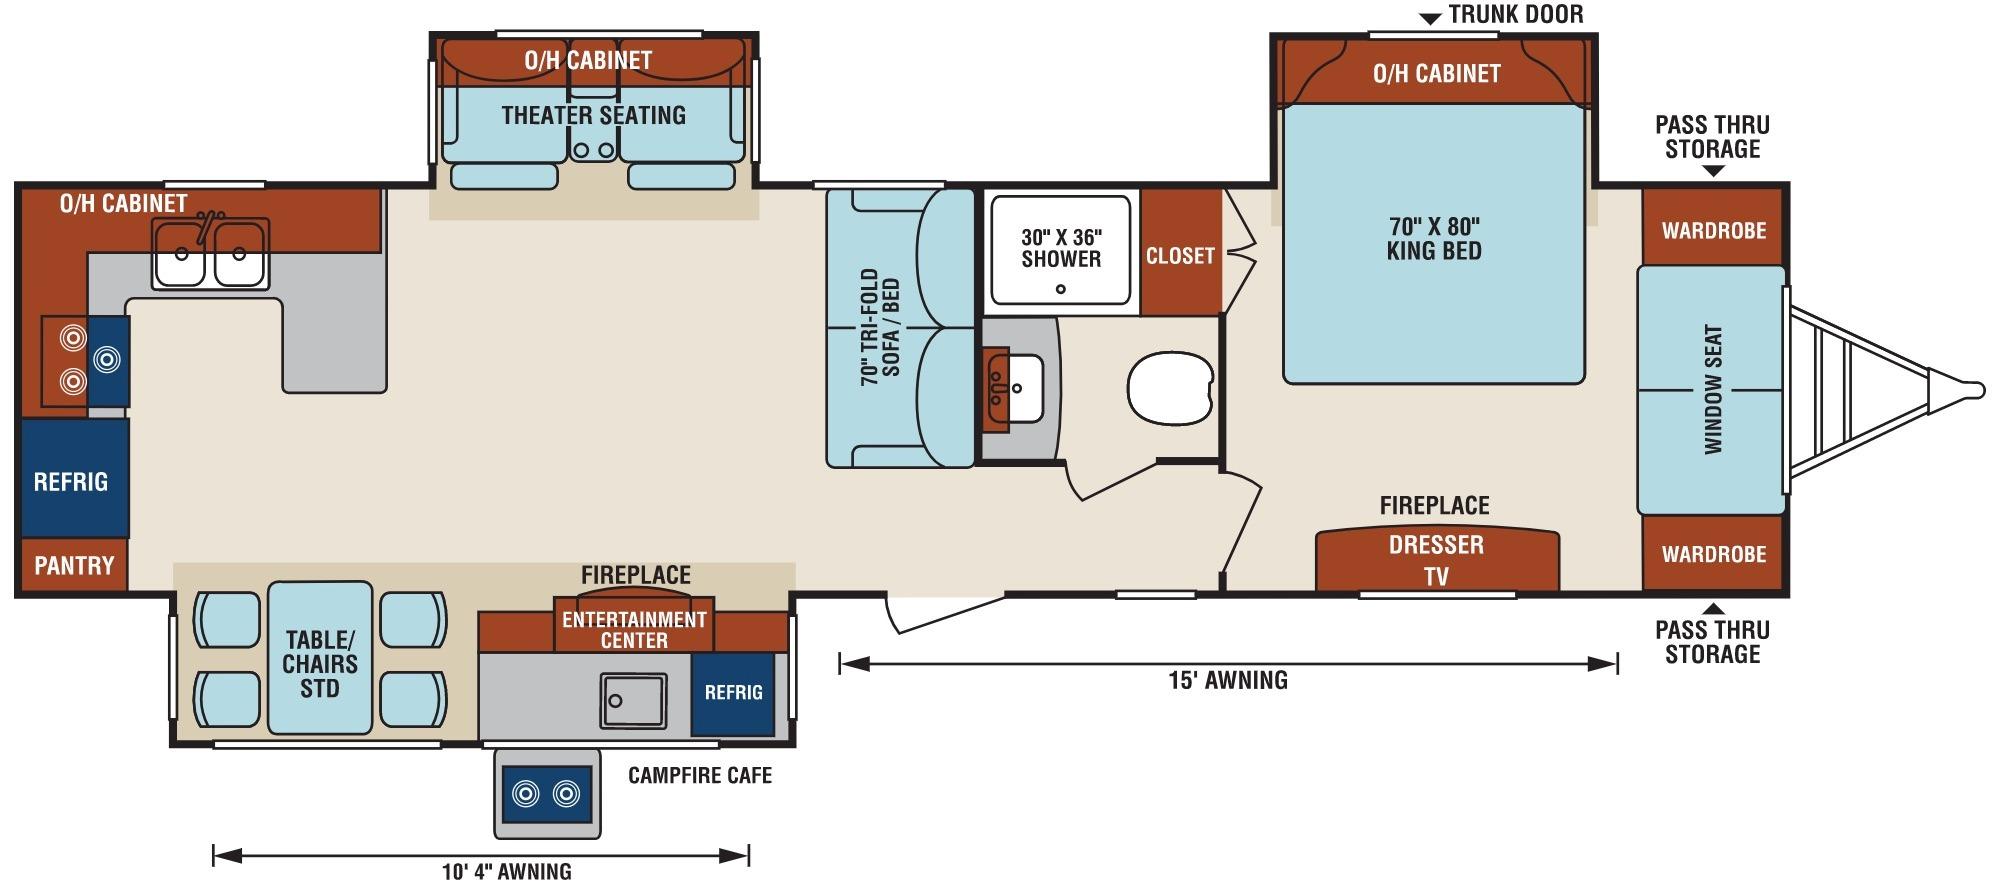 View Floor Plan for 2018 VENTURE RV SPORTTREK TOURING EDITION 336VRK